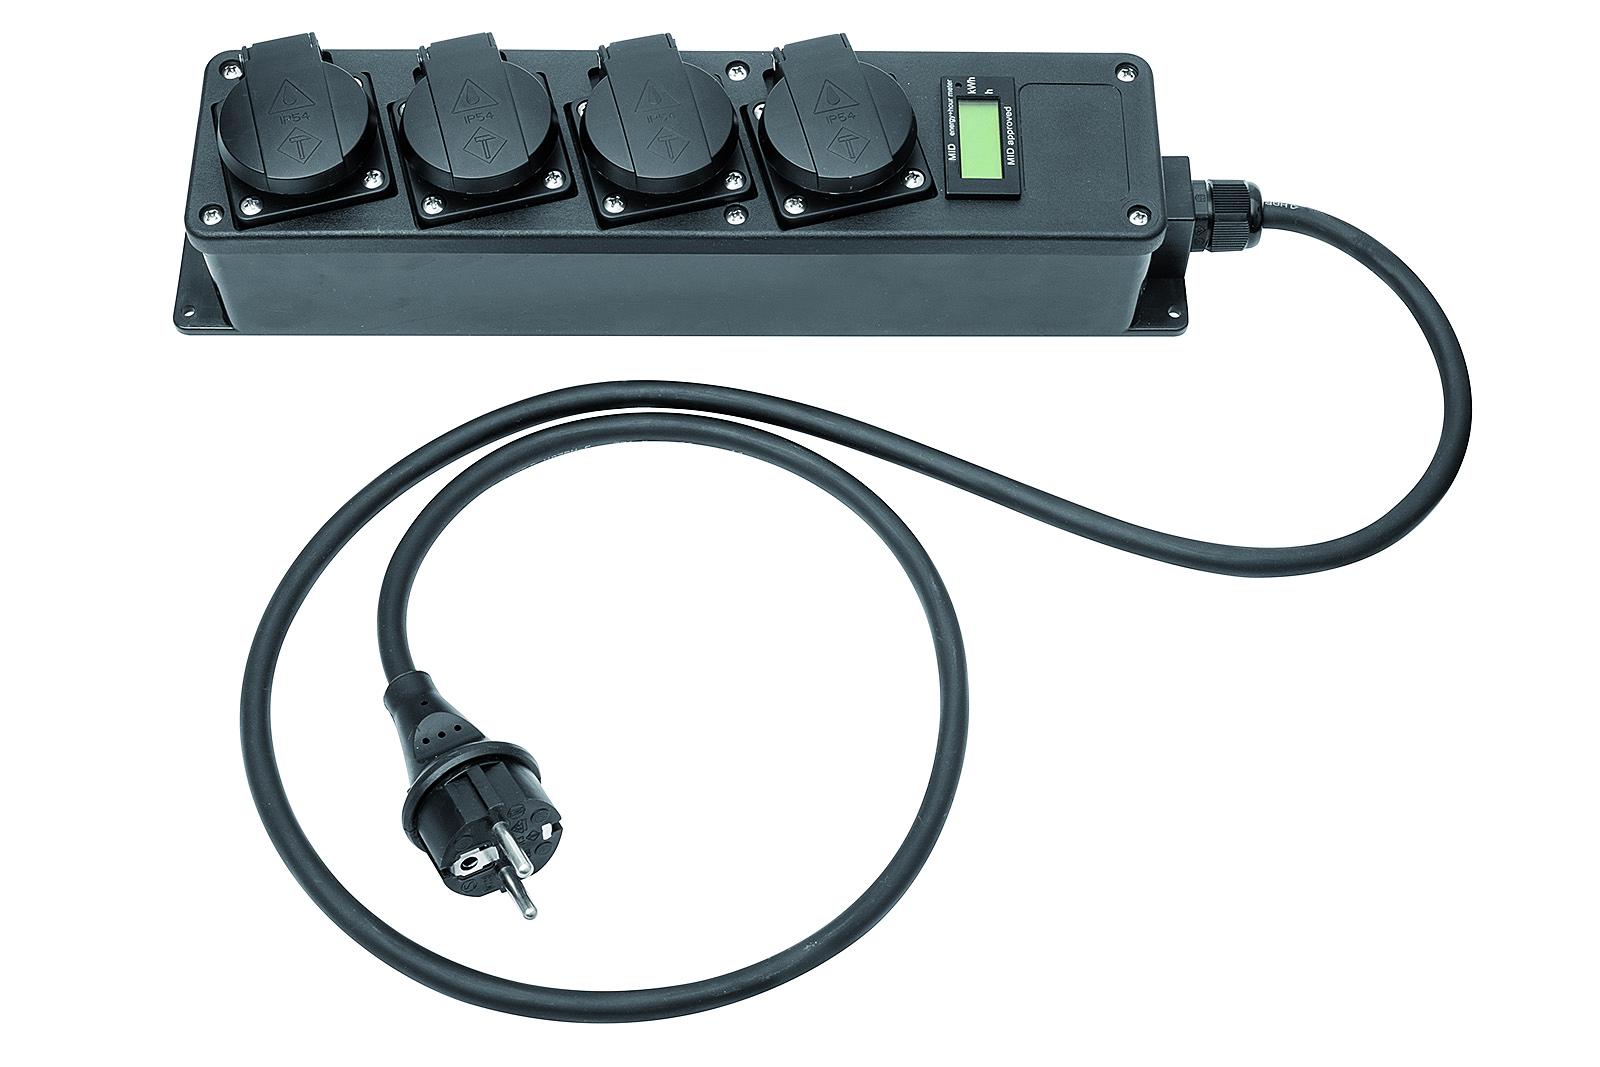 Mobiler Stromzähler mit Steckdosenleiste 4-fach - Digitaler Energiezähler zu Abrechnungszwecken geeignet - MID geeicht - 10 Stk.